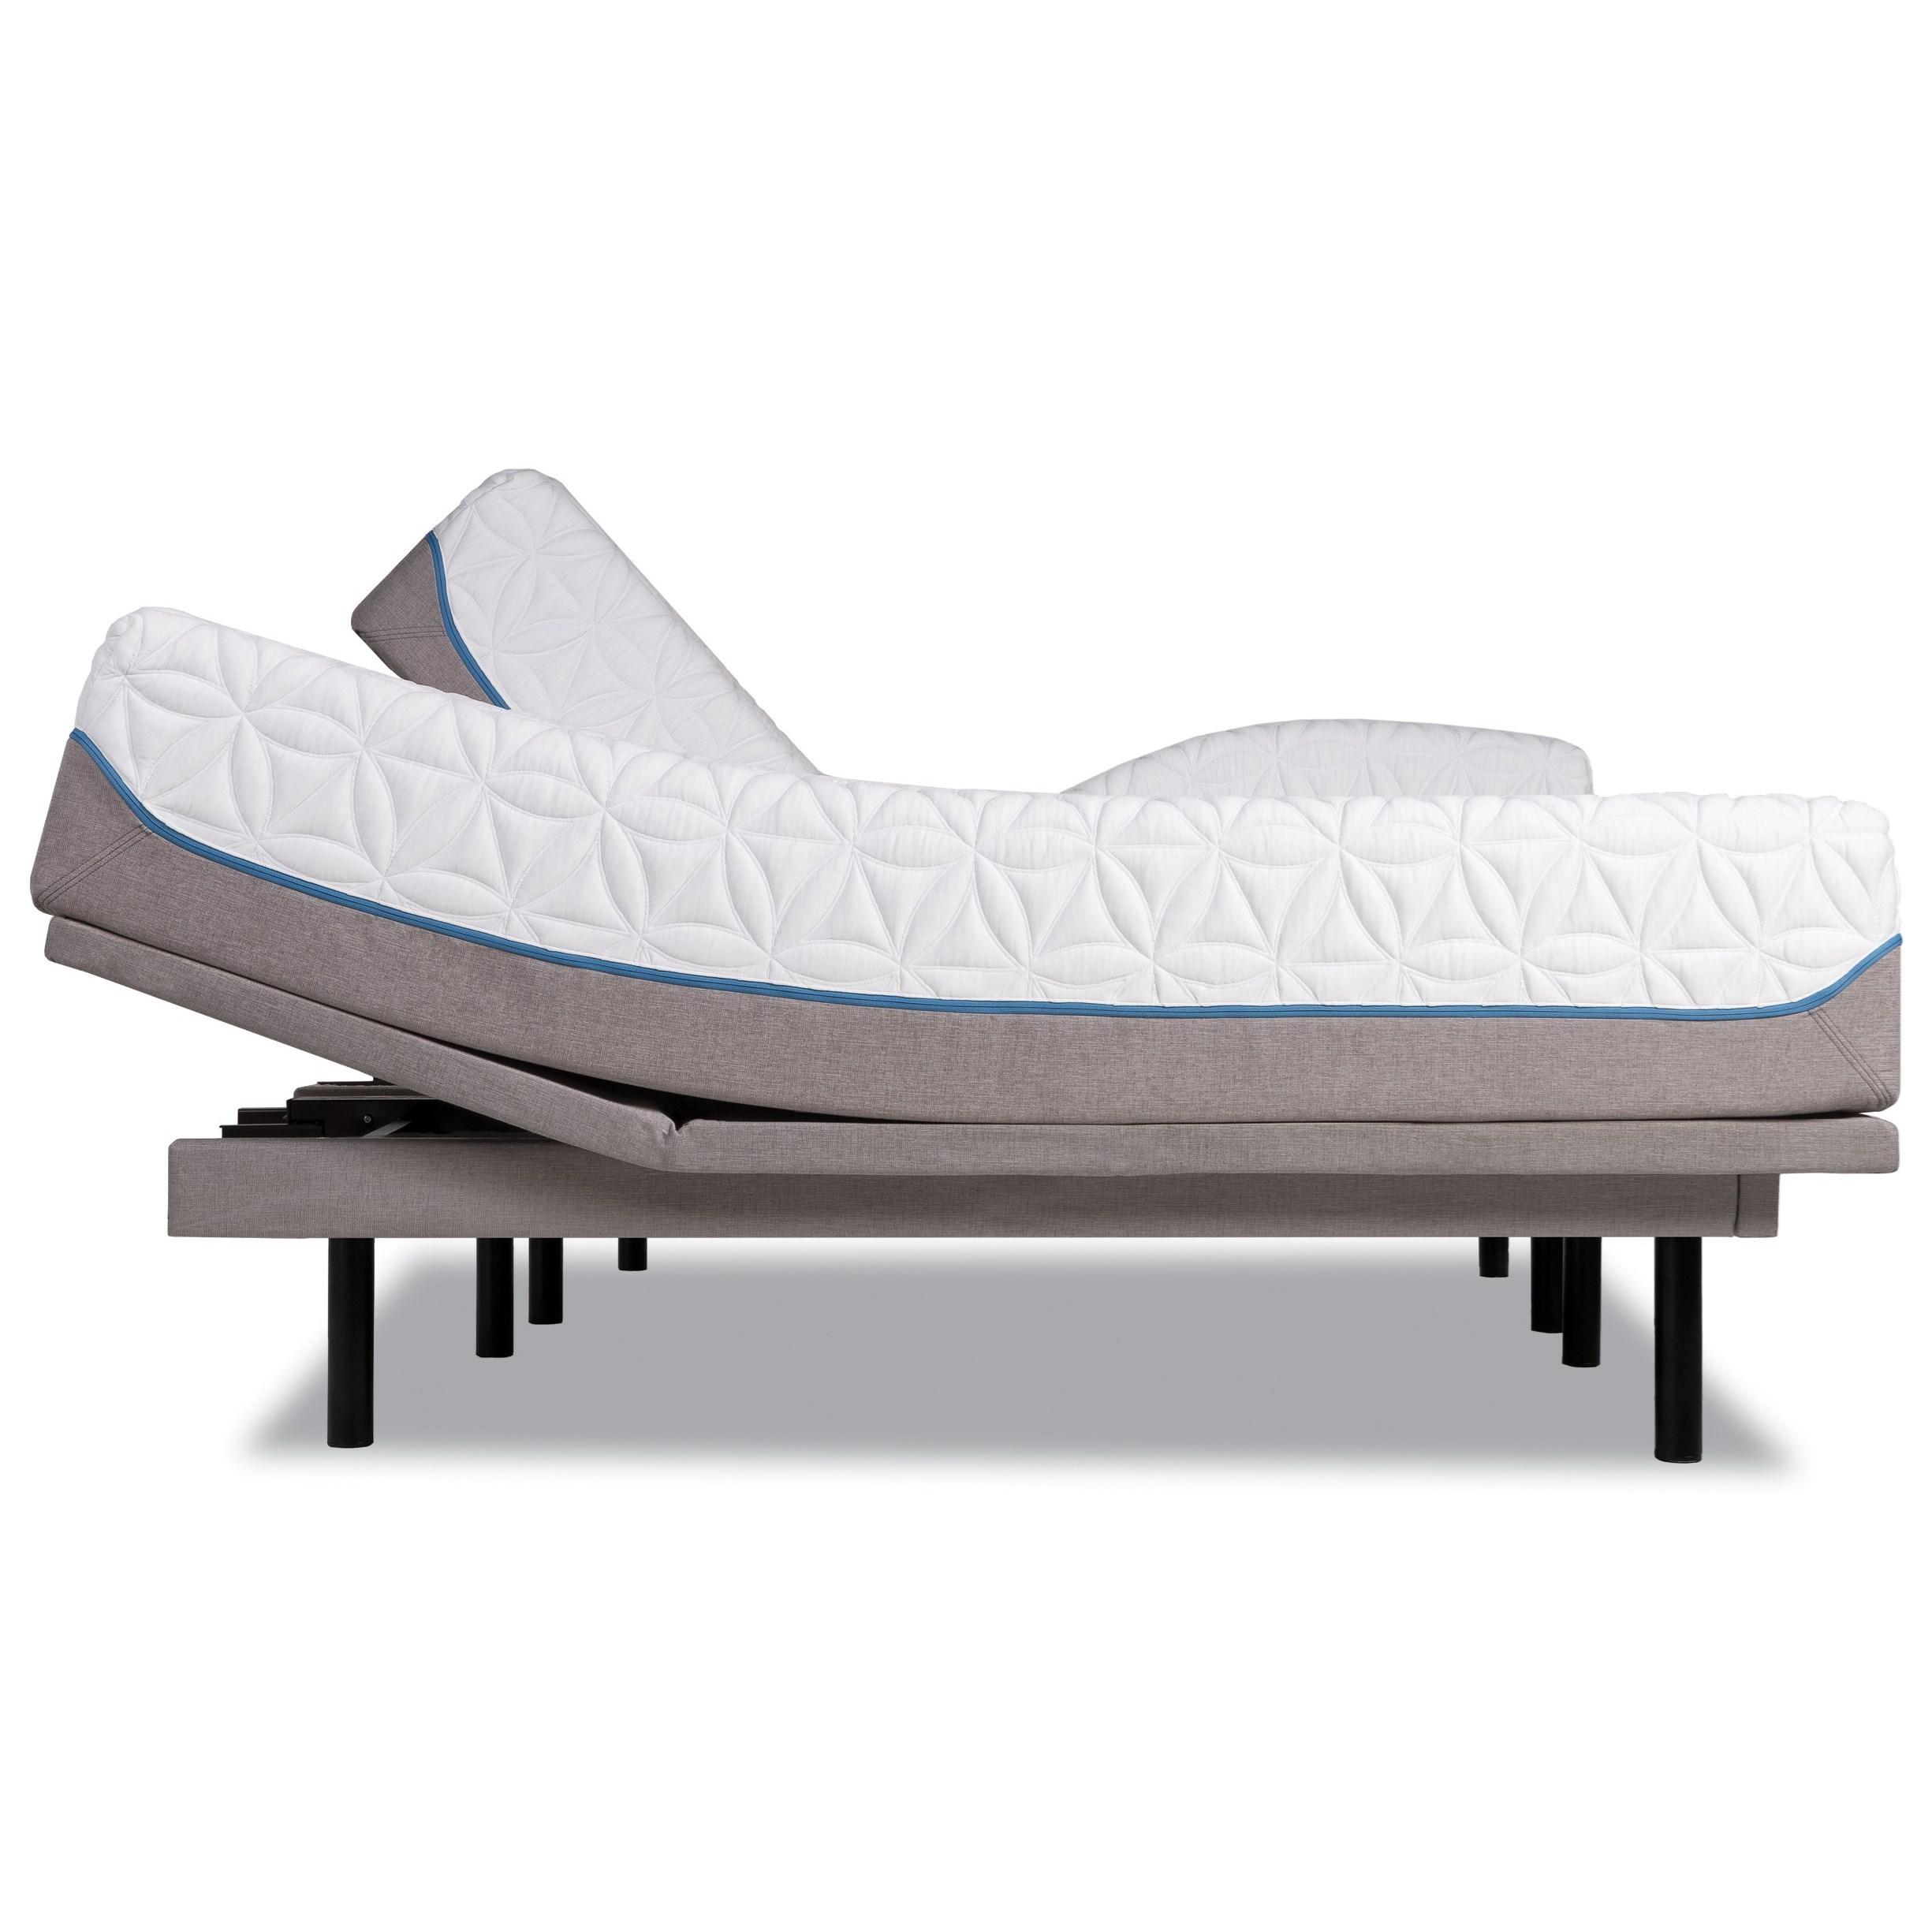 Tempur-Pedic® TEMPUR-Cloud Luxe Queen Ultra-Soft Mattress Set - Item Number: 10245250+25289250